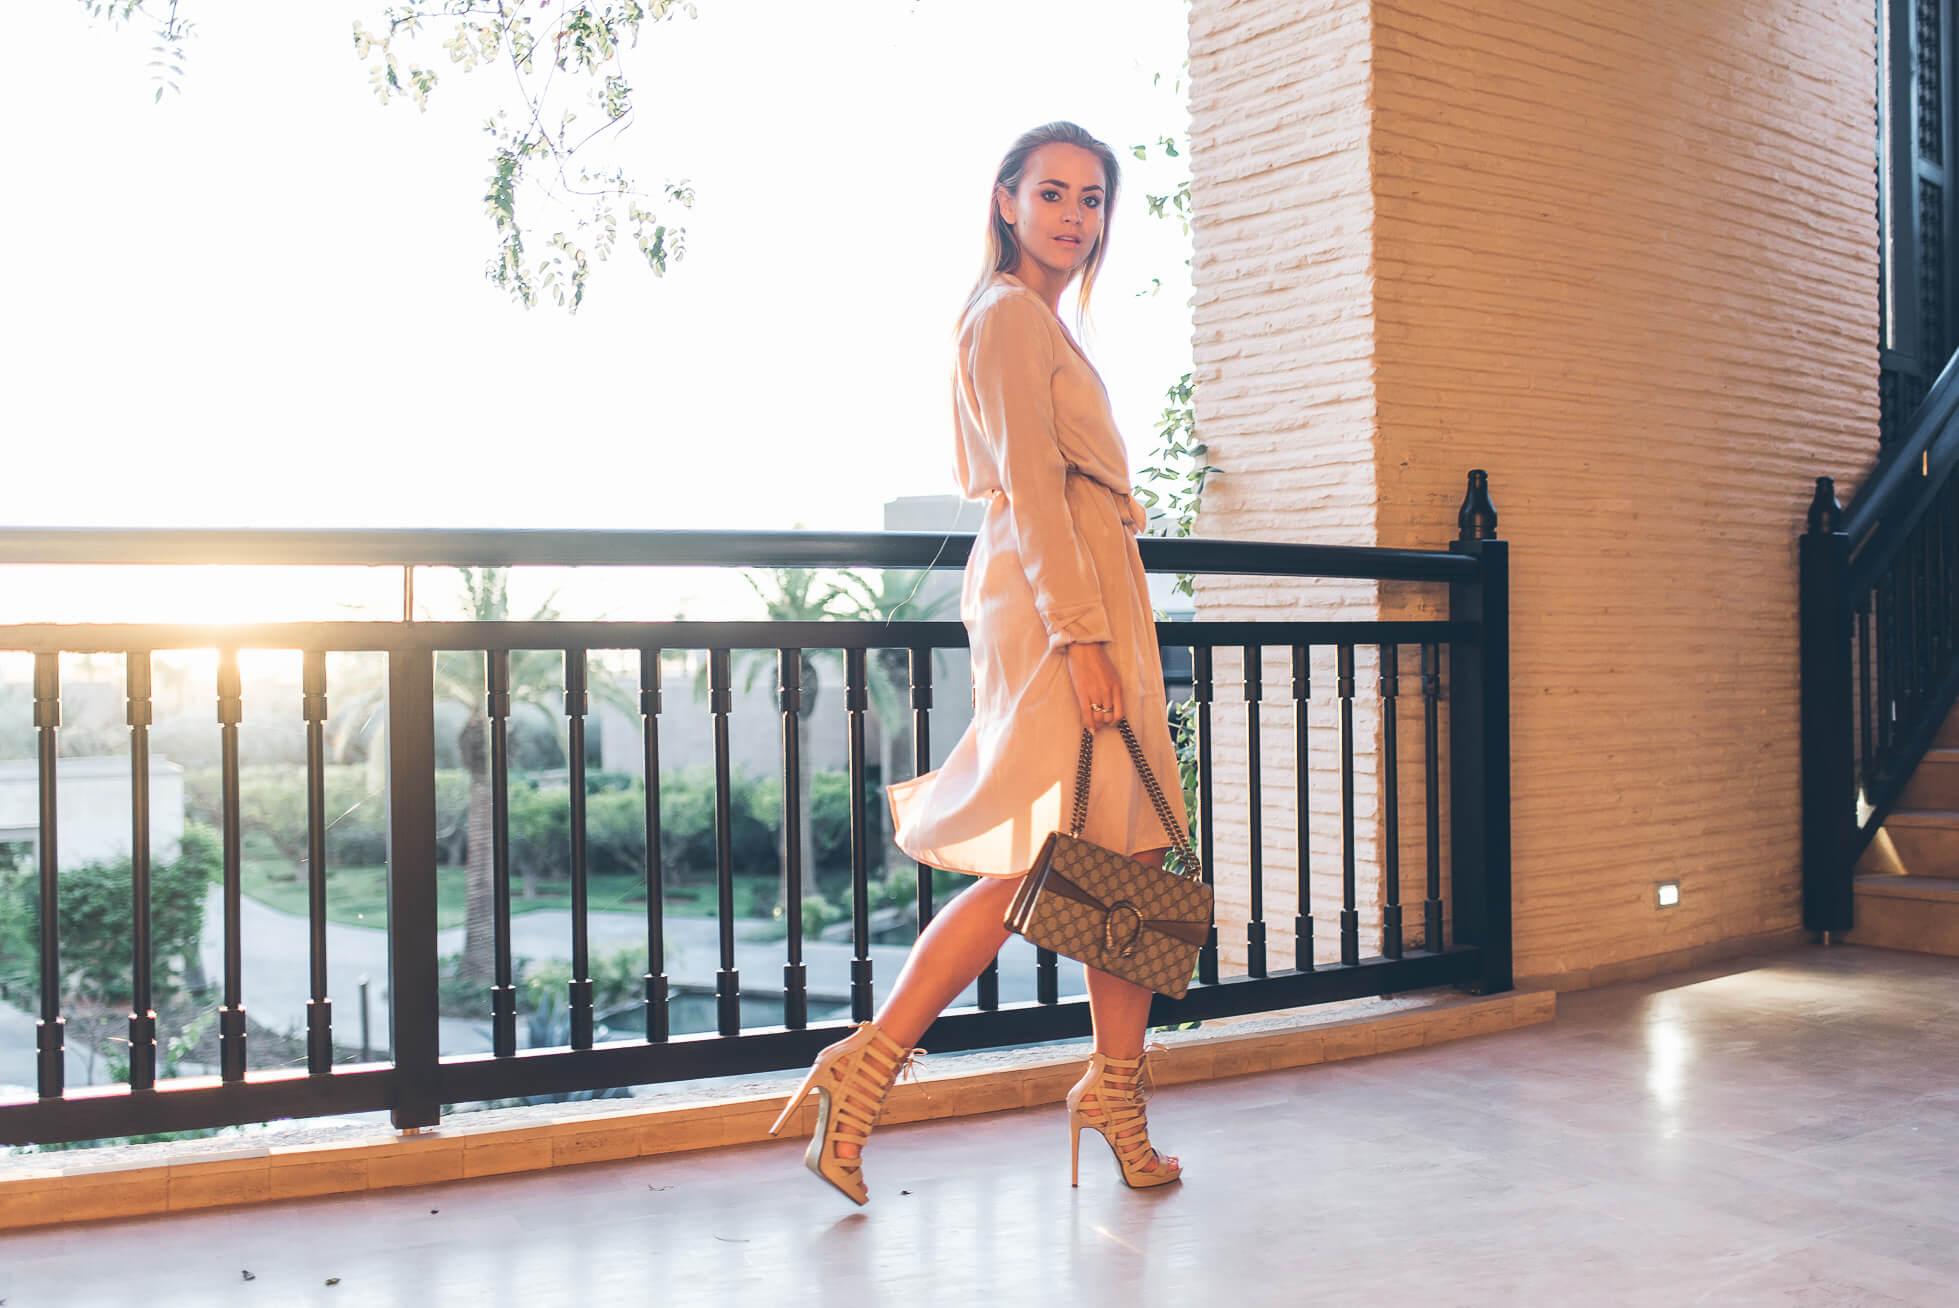 janni-deler-pink-silk-dressDSC_9577